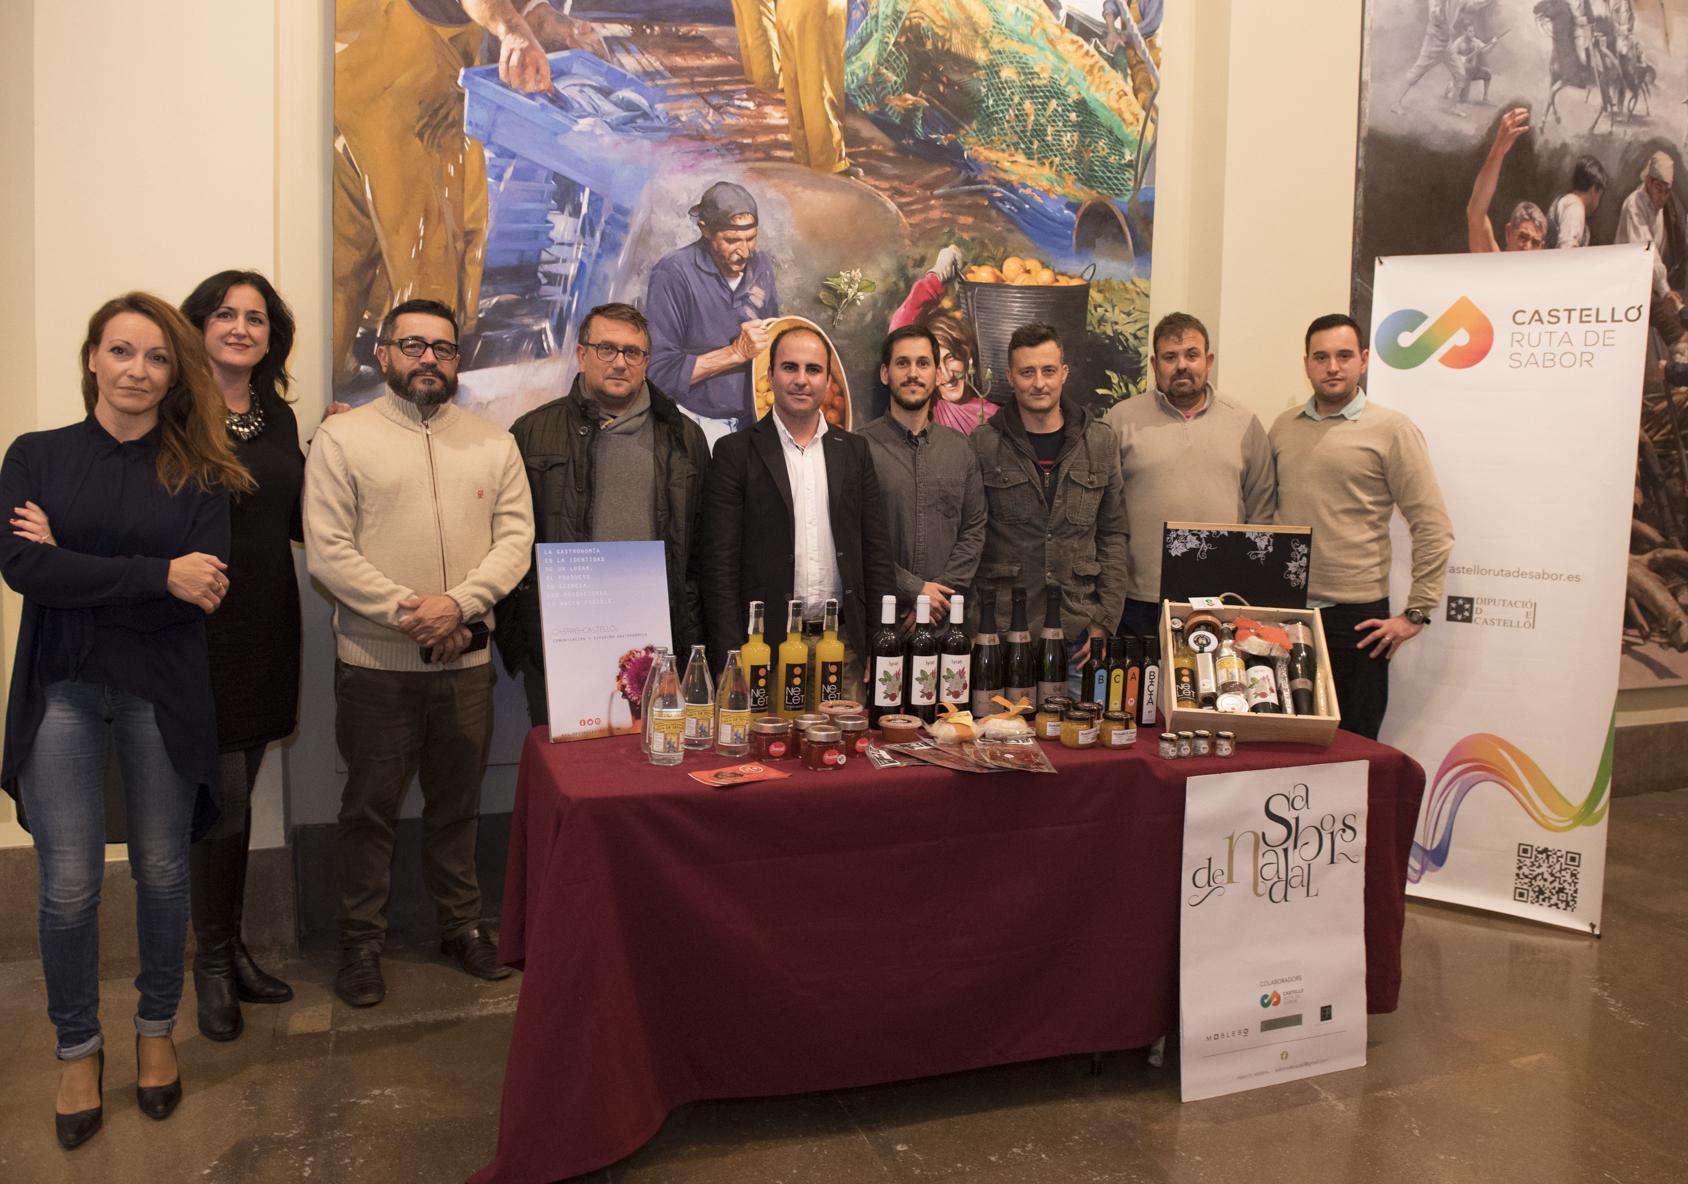 La Diputación impulsará la comercialización de los productos de Castelló Ruta de Sabor durante Navidad